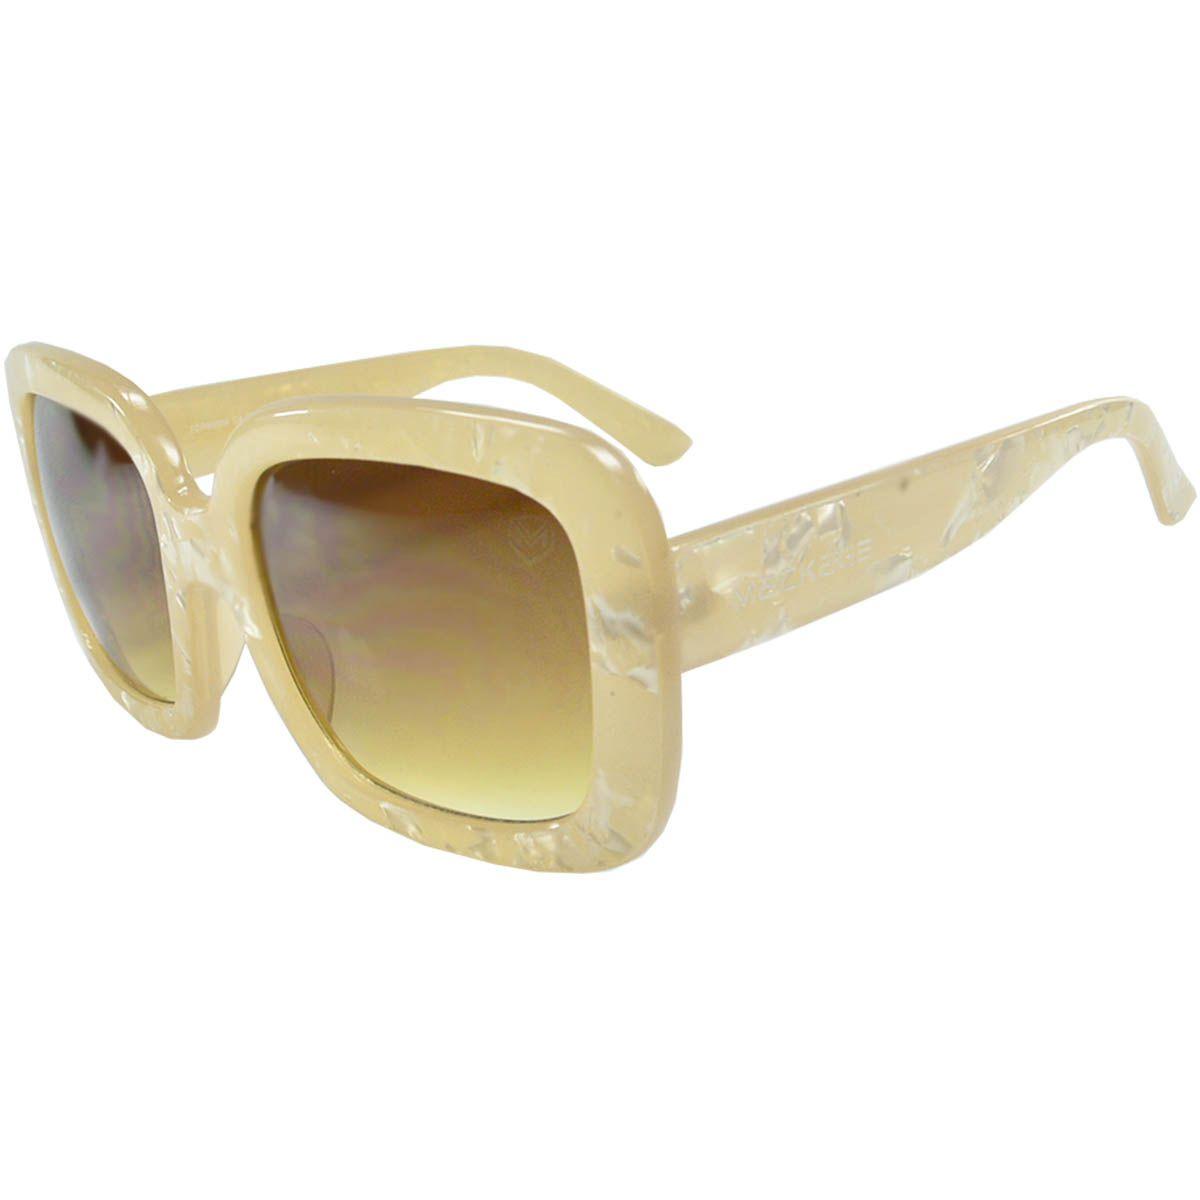 f8f74bdba7e26 Óculos de sol MACKAGE BRASIL   Comprar Óculos de Sol Online é Aqui ...